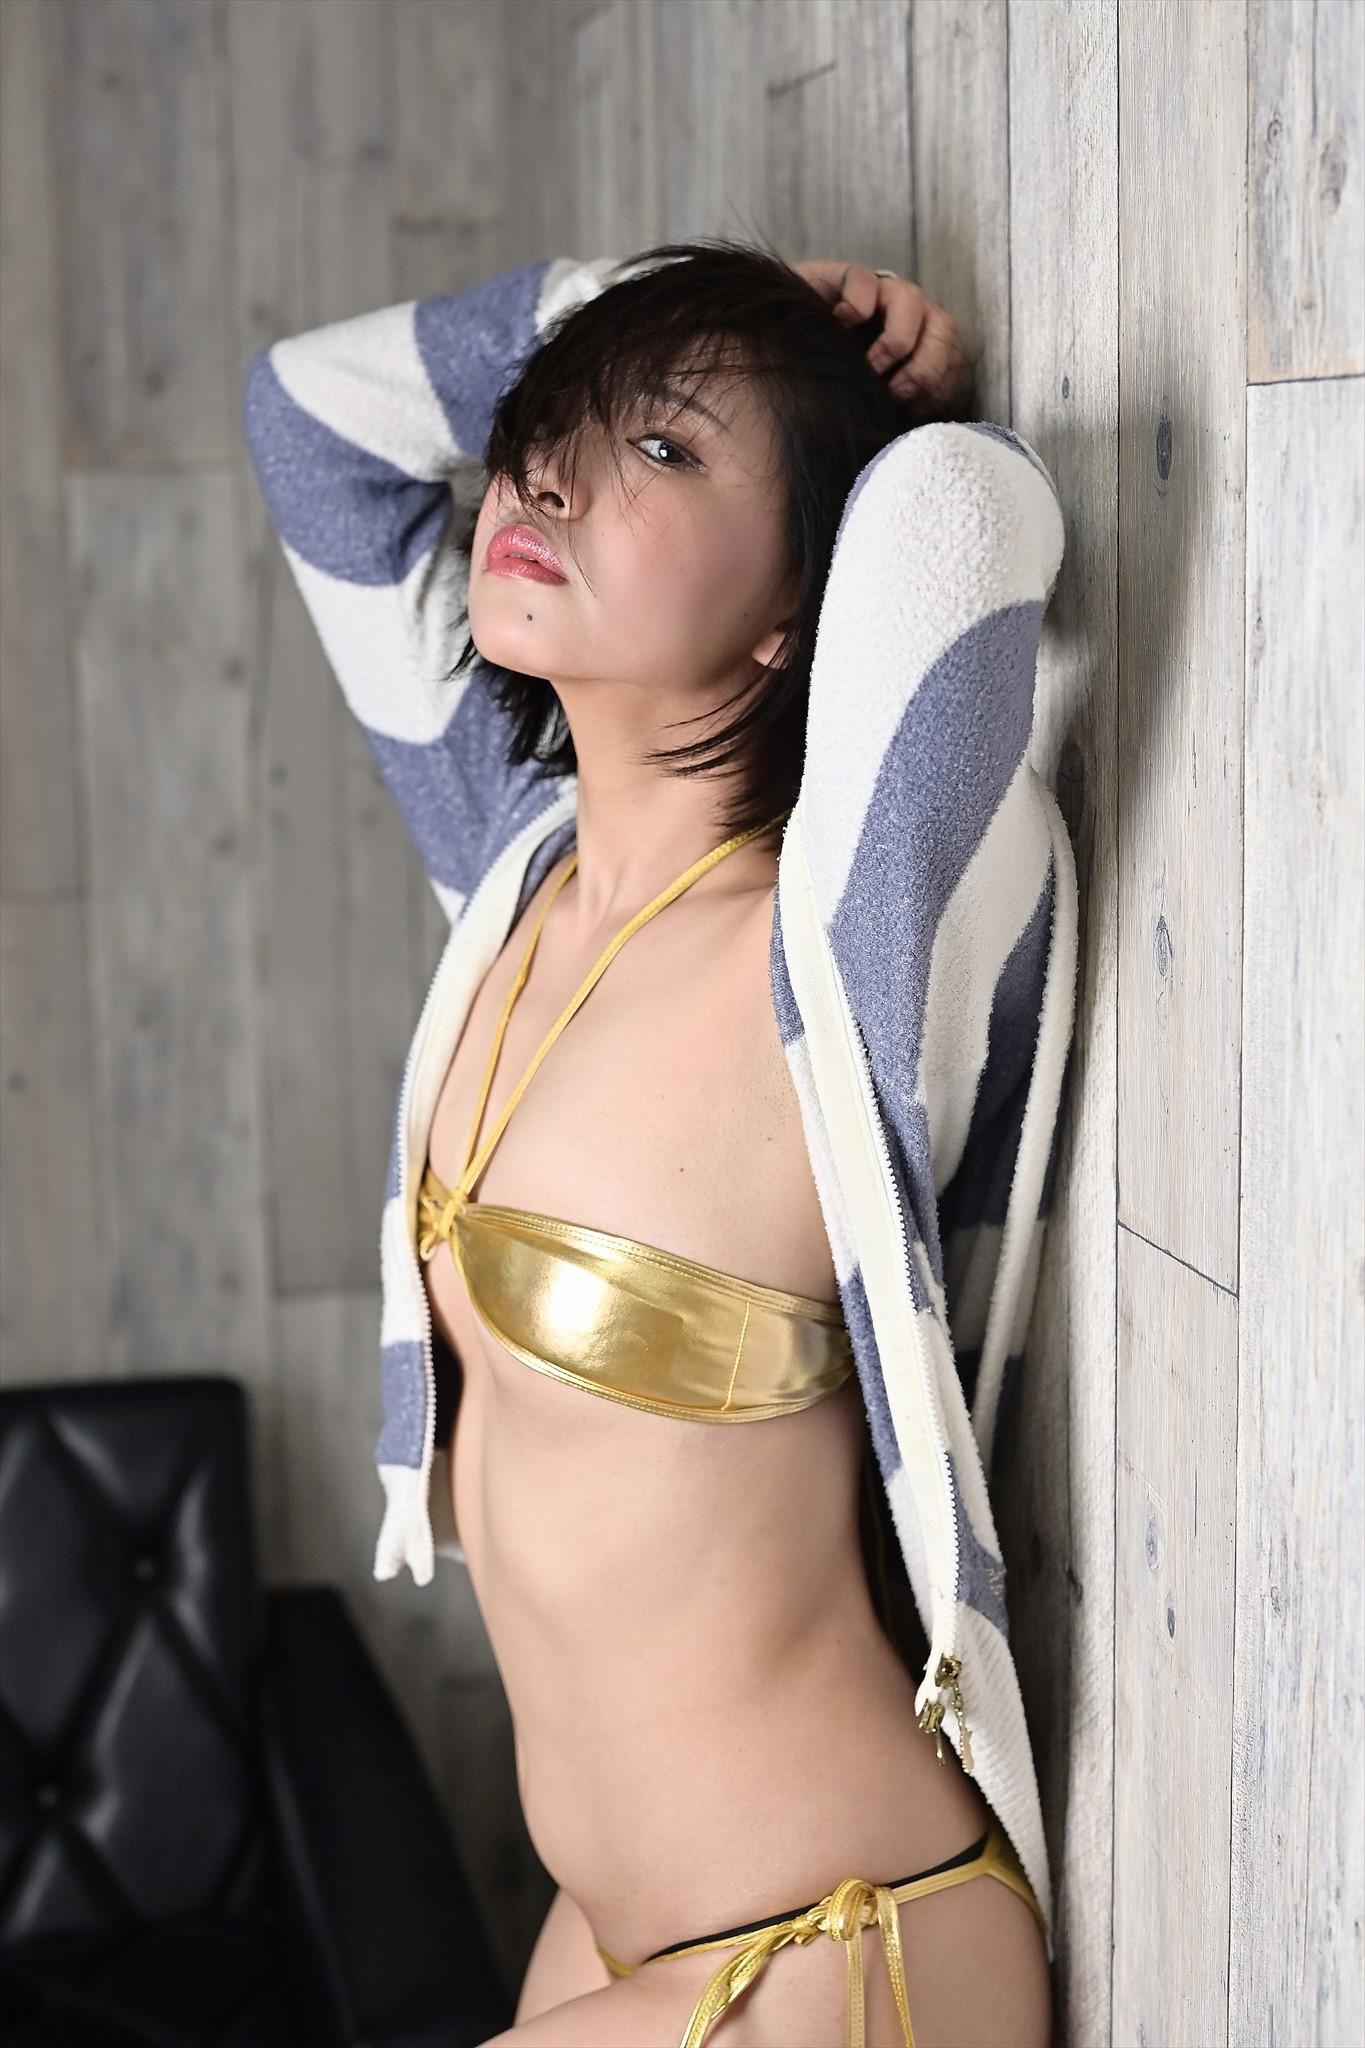 2020年11月14日 東京Lilyセッション撮影会報告_e0194893_23290617.jpg